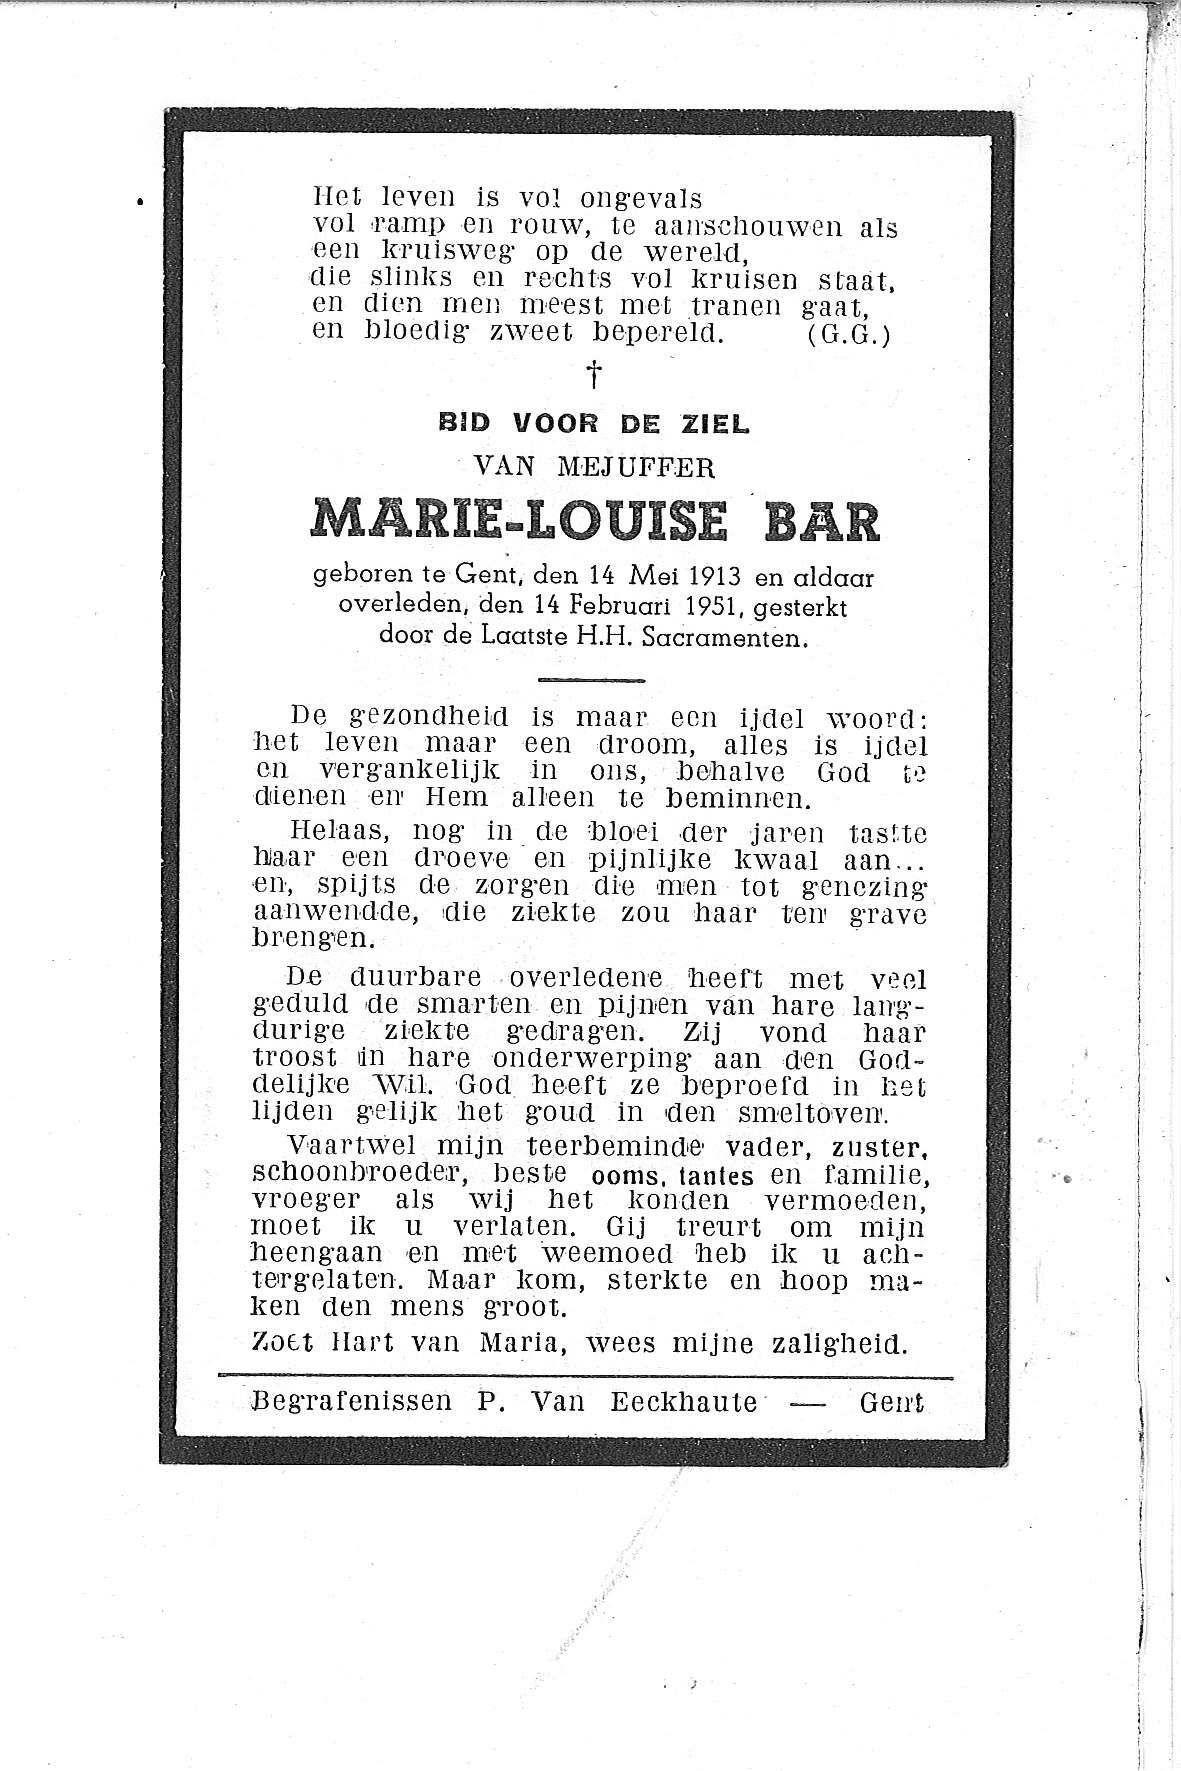 Marie-Louise(1951)20101012092240_00016.jpg